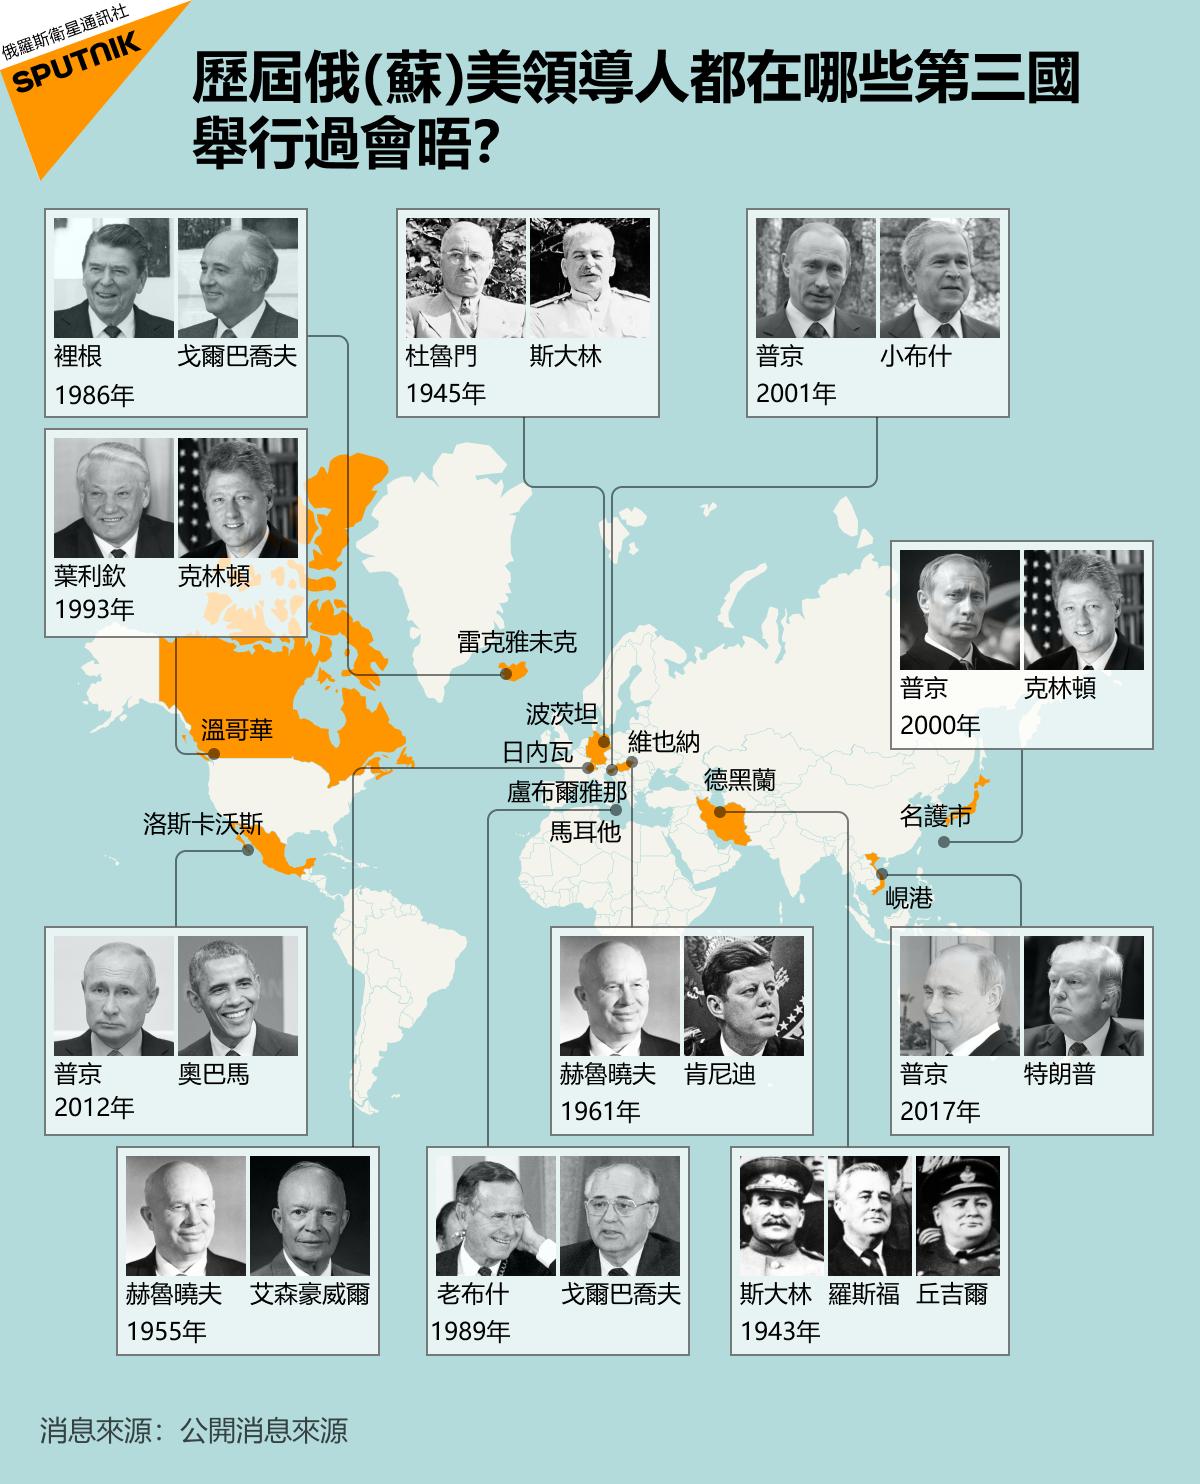 歷屆俄(蘇)美領導人都在哪些第三國舉行過會晤?